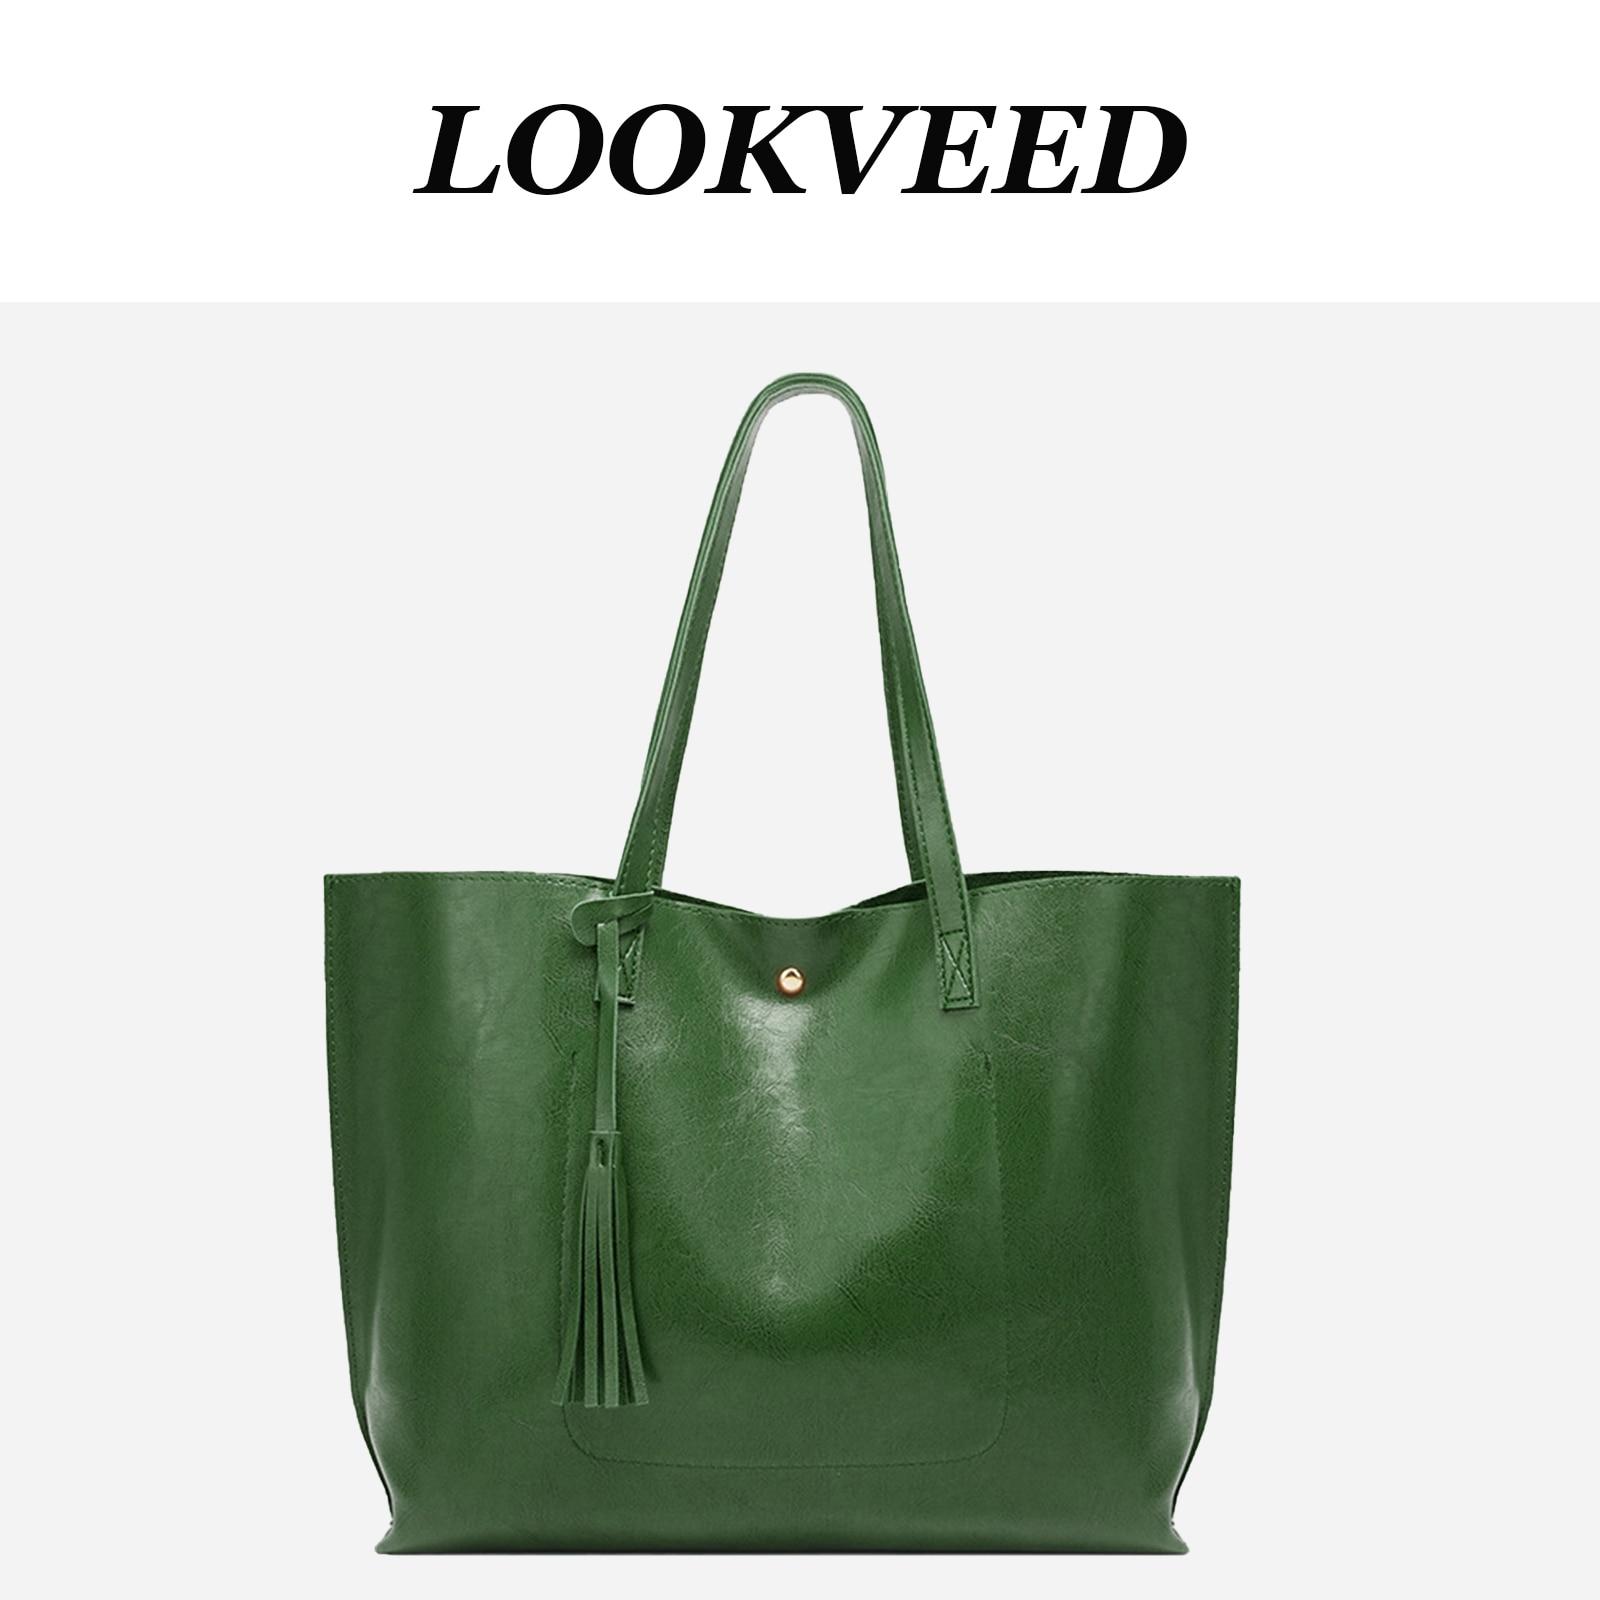 Borsa Tote semplice in ecopelle di design verde di lusso borsa tinta unita nappa borsa grande capacità per donna borsa da spiaggia estiva 2021